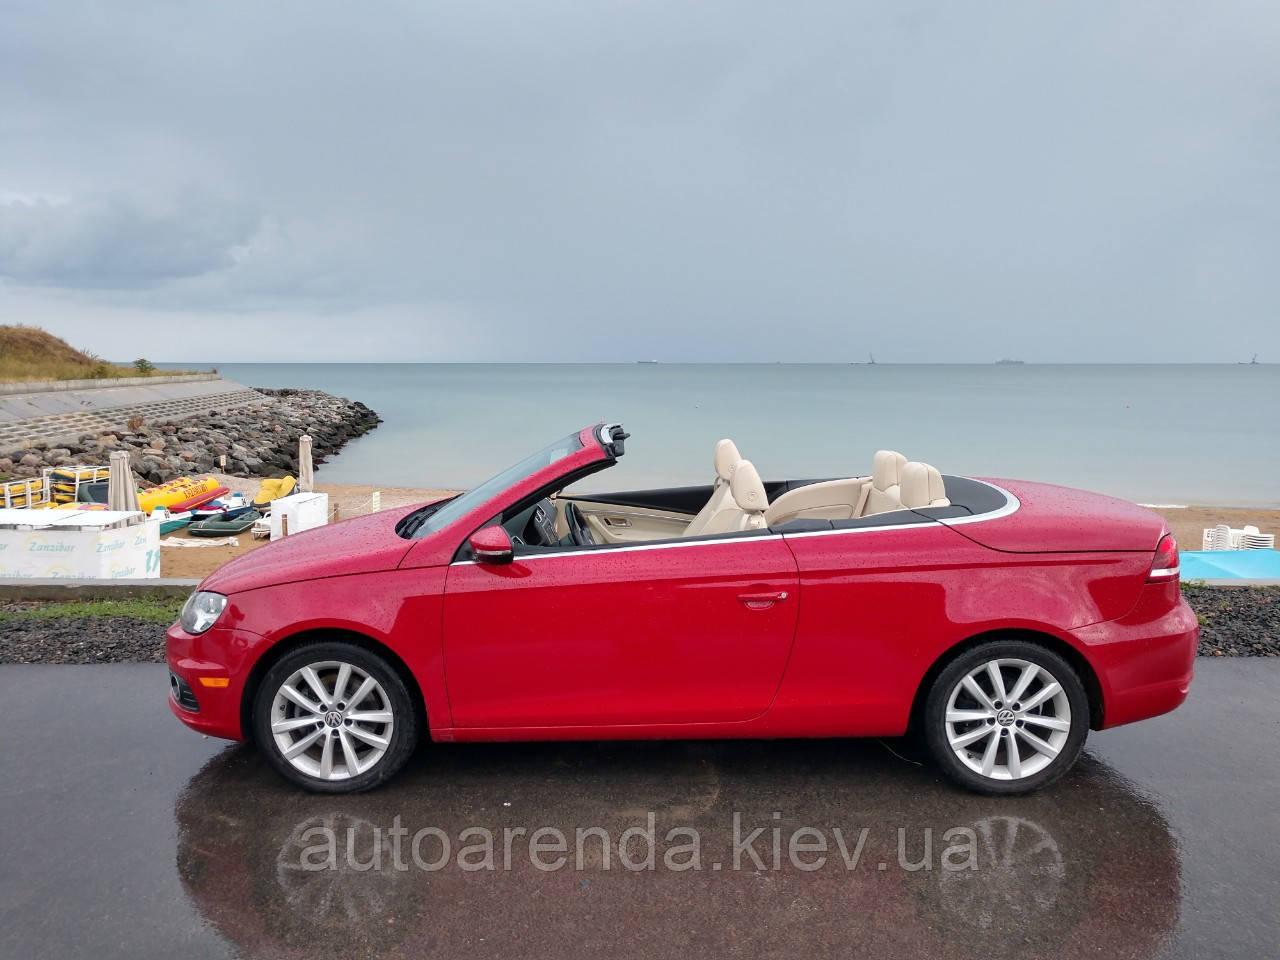 Оренда червоного кабріолета Volkswagen Eos